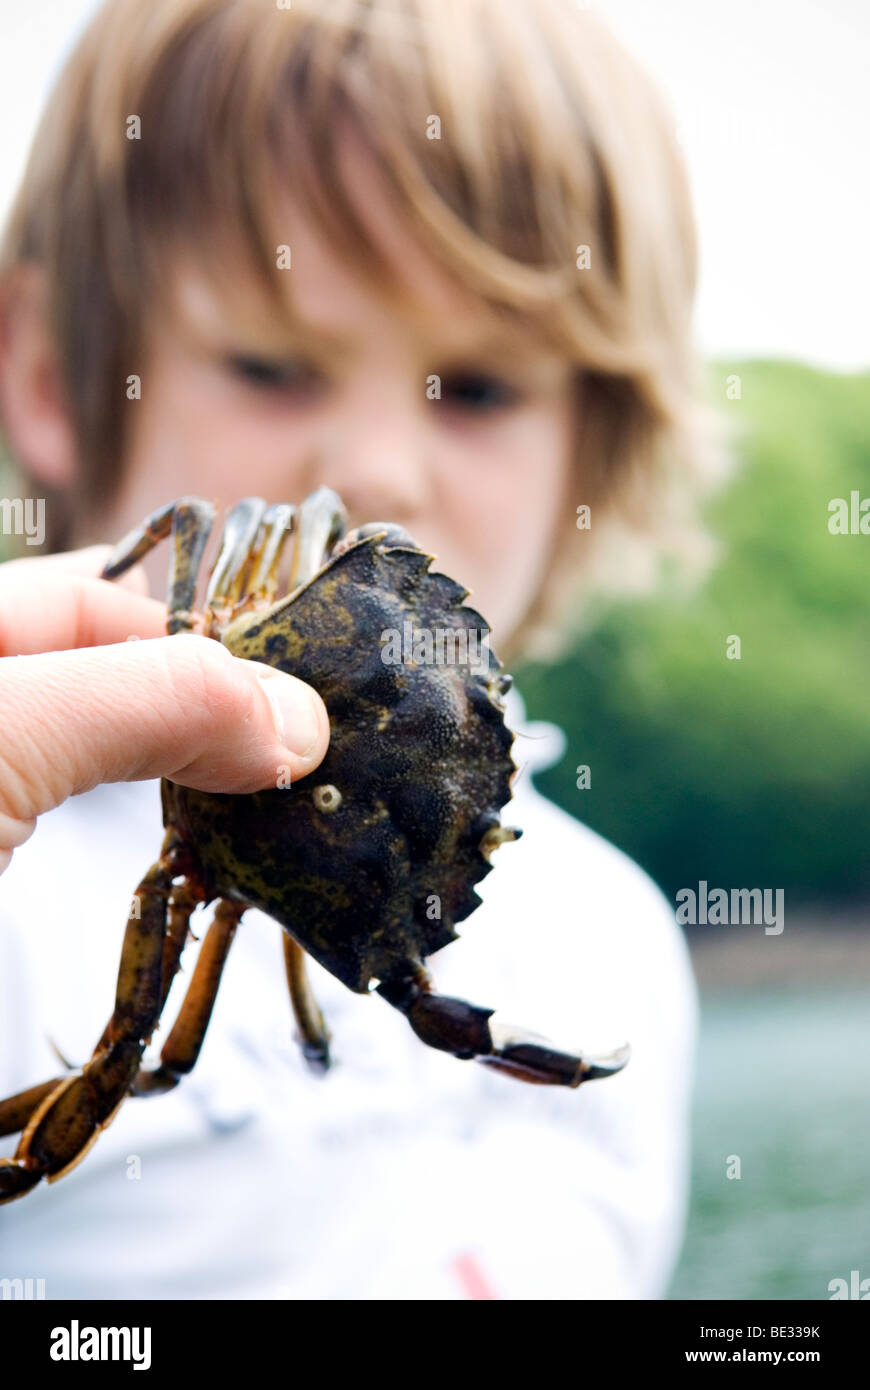 Nahaufnahme der Krabbe vor sechs Jahre alten Jungen gehalten wird Stockbild